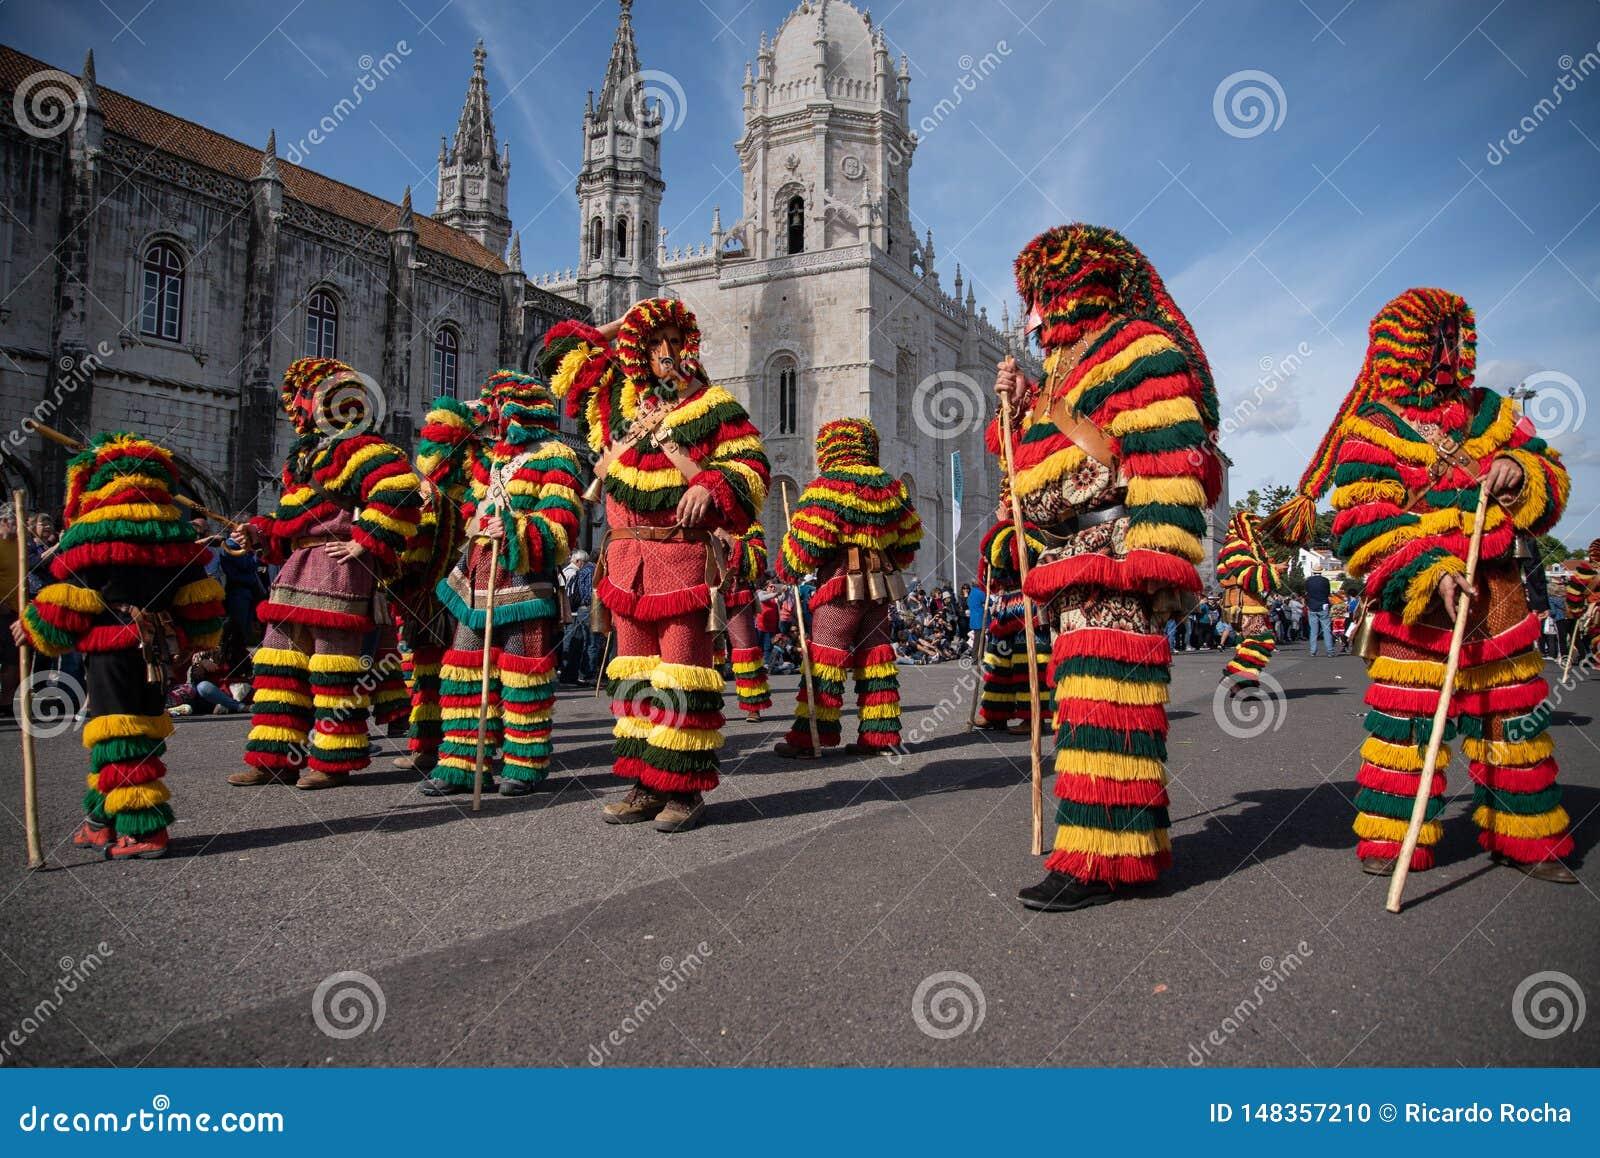 Festival international ib?rique 2019 de Costums